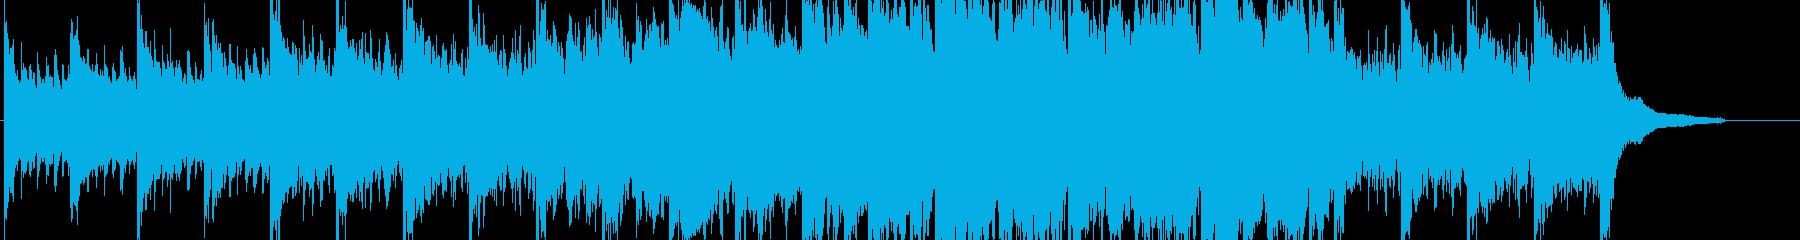 やさしいピアノとオーケストラ_01の再生済みの波形